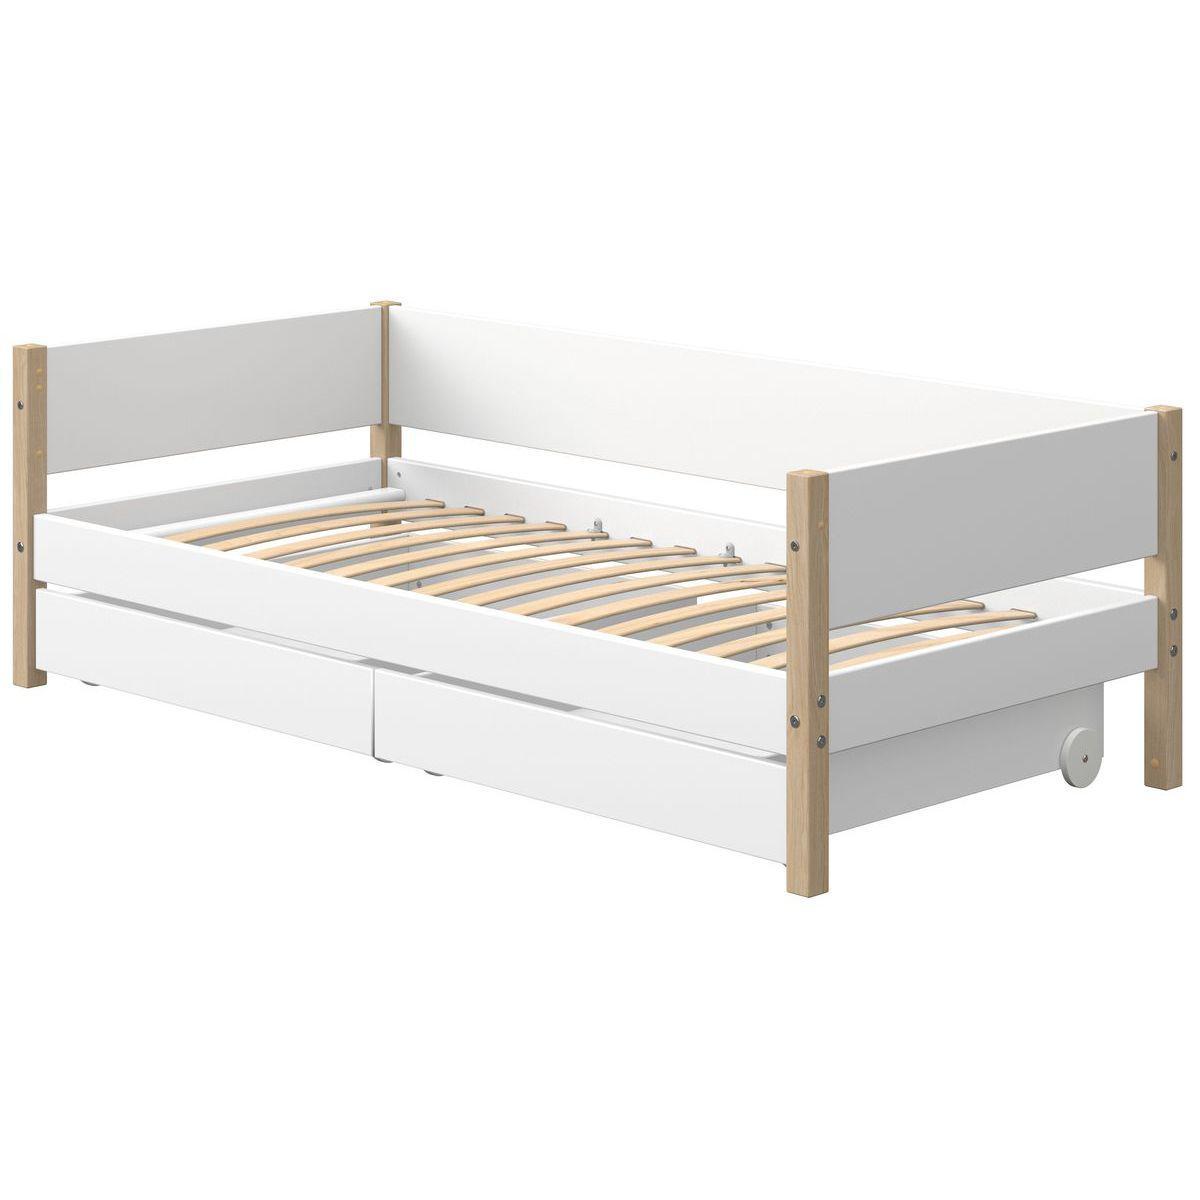 Tagesbett mitwachsend 200x90cm 2 Schubladen NOR Eiche-weiß